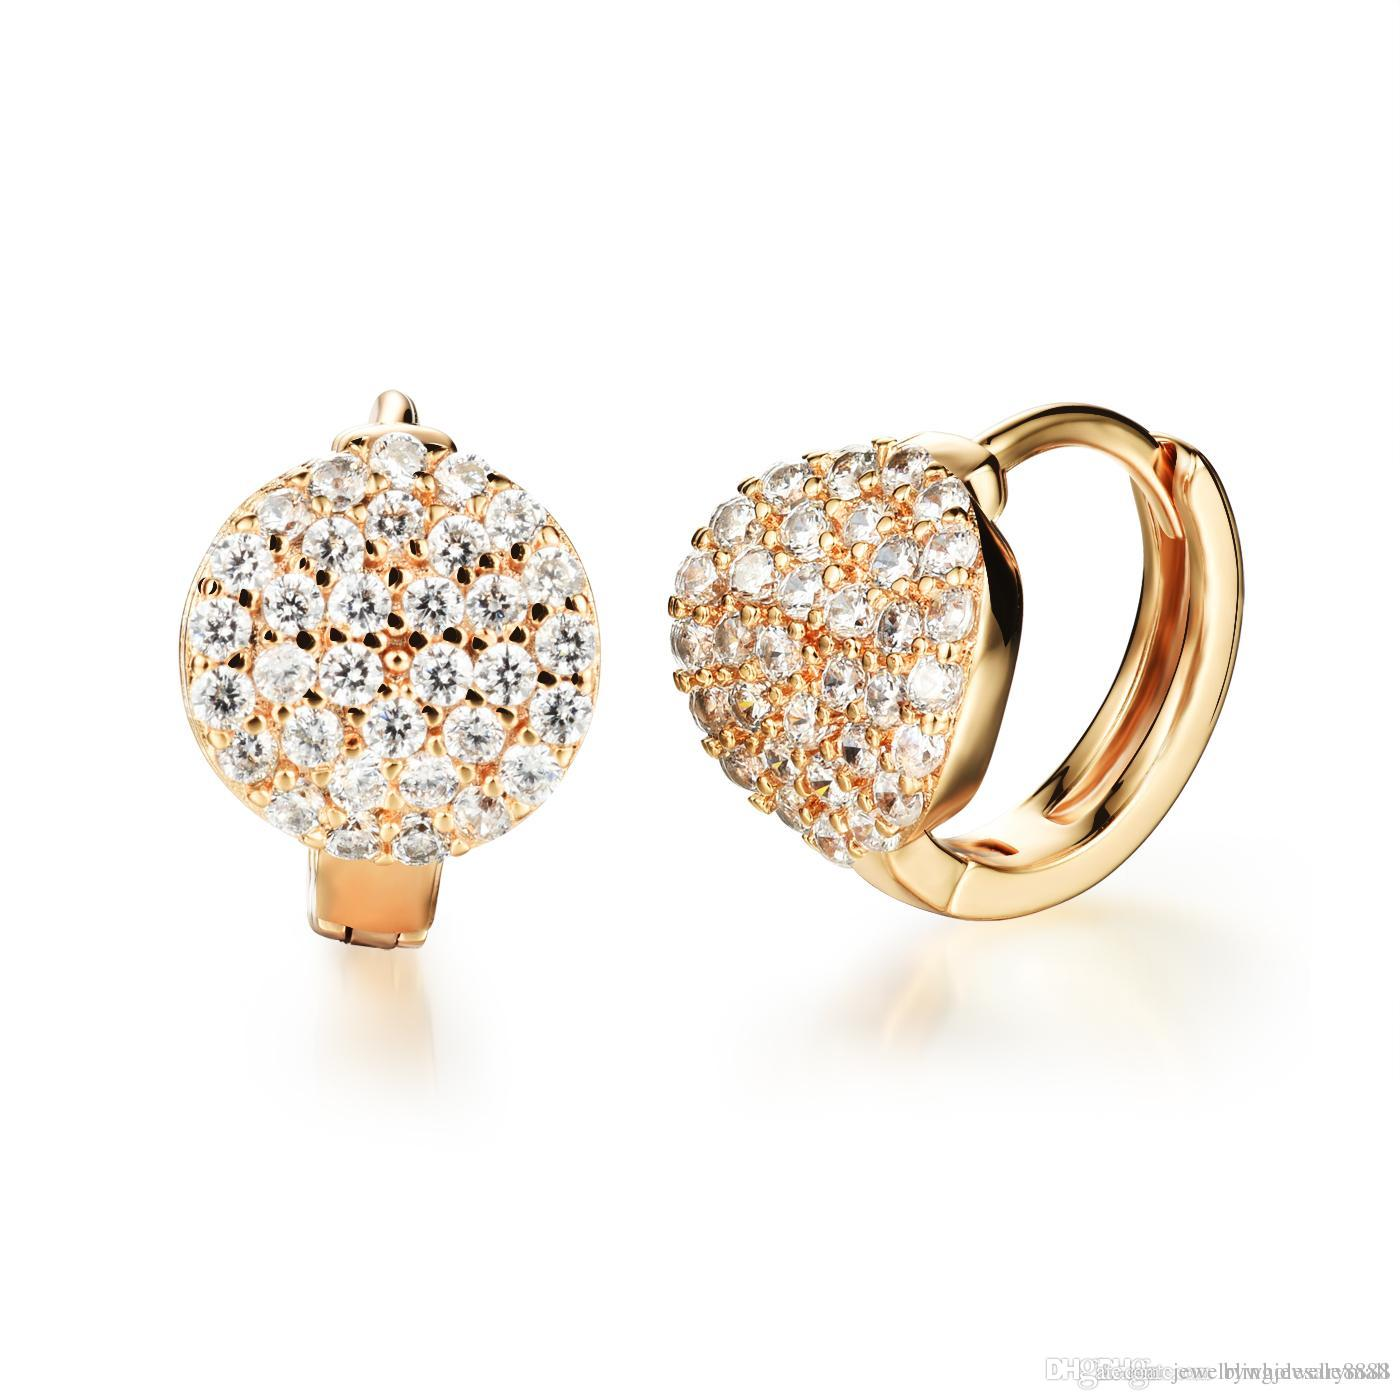 TPHui Women Earrings Small Gold Earrings Hoop Earrings Women'S Jewerly Cubic Zirconia Crystal Hoop Stud Earrings 18K Yellow Gold 6wwLhdW